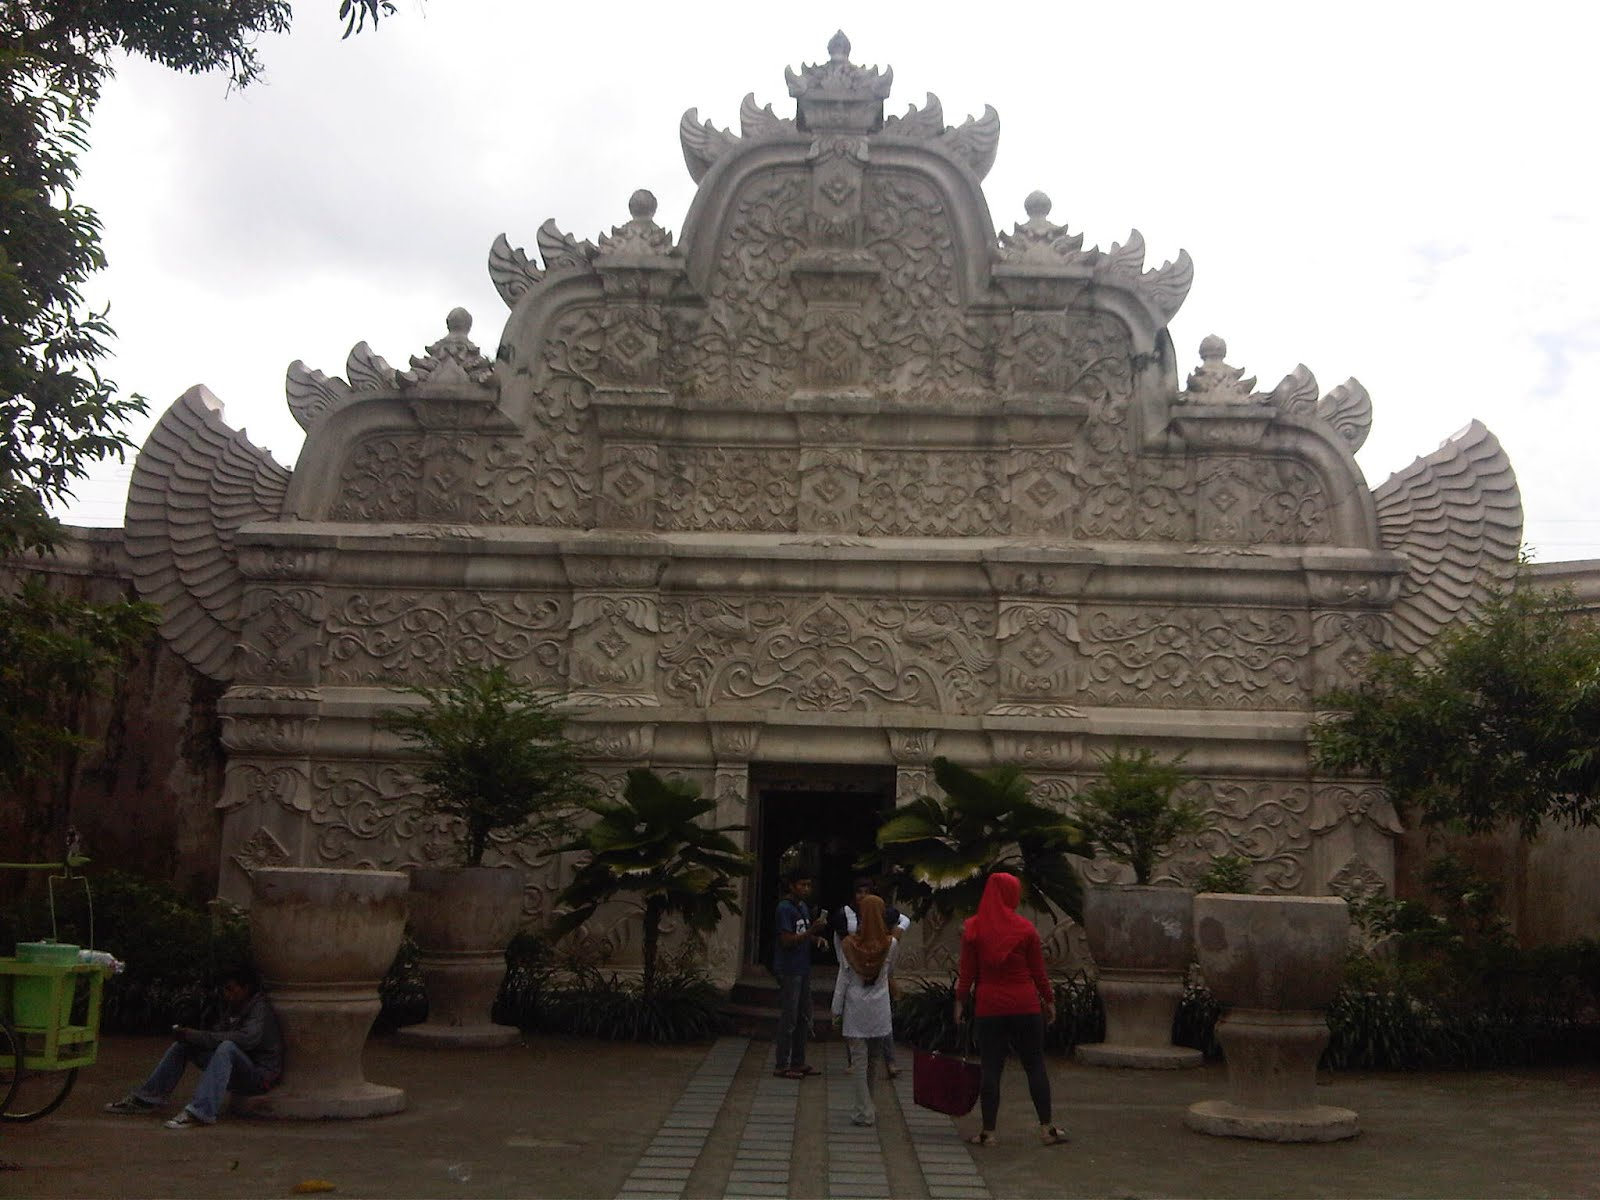 Lokasi : Pemandian putri raja/ taman sari, biaya masuk kisaran 3.000